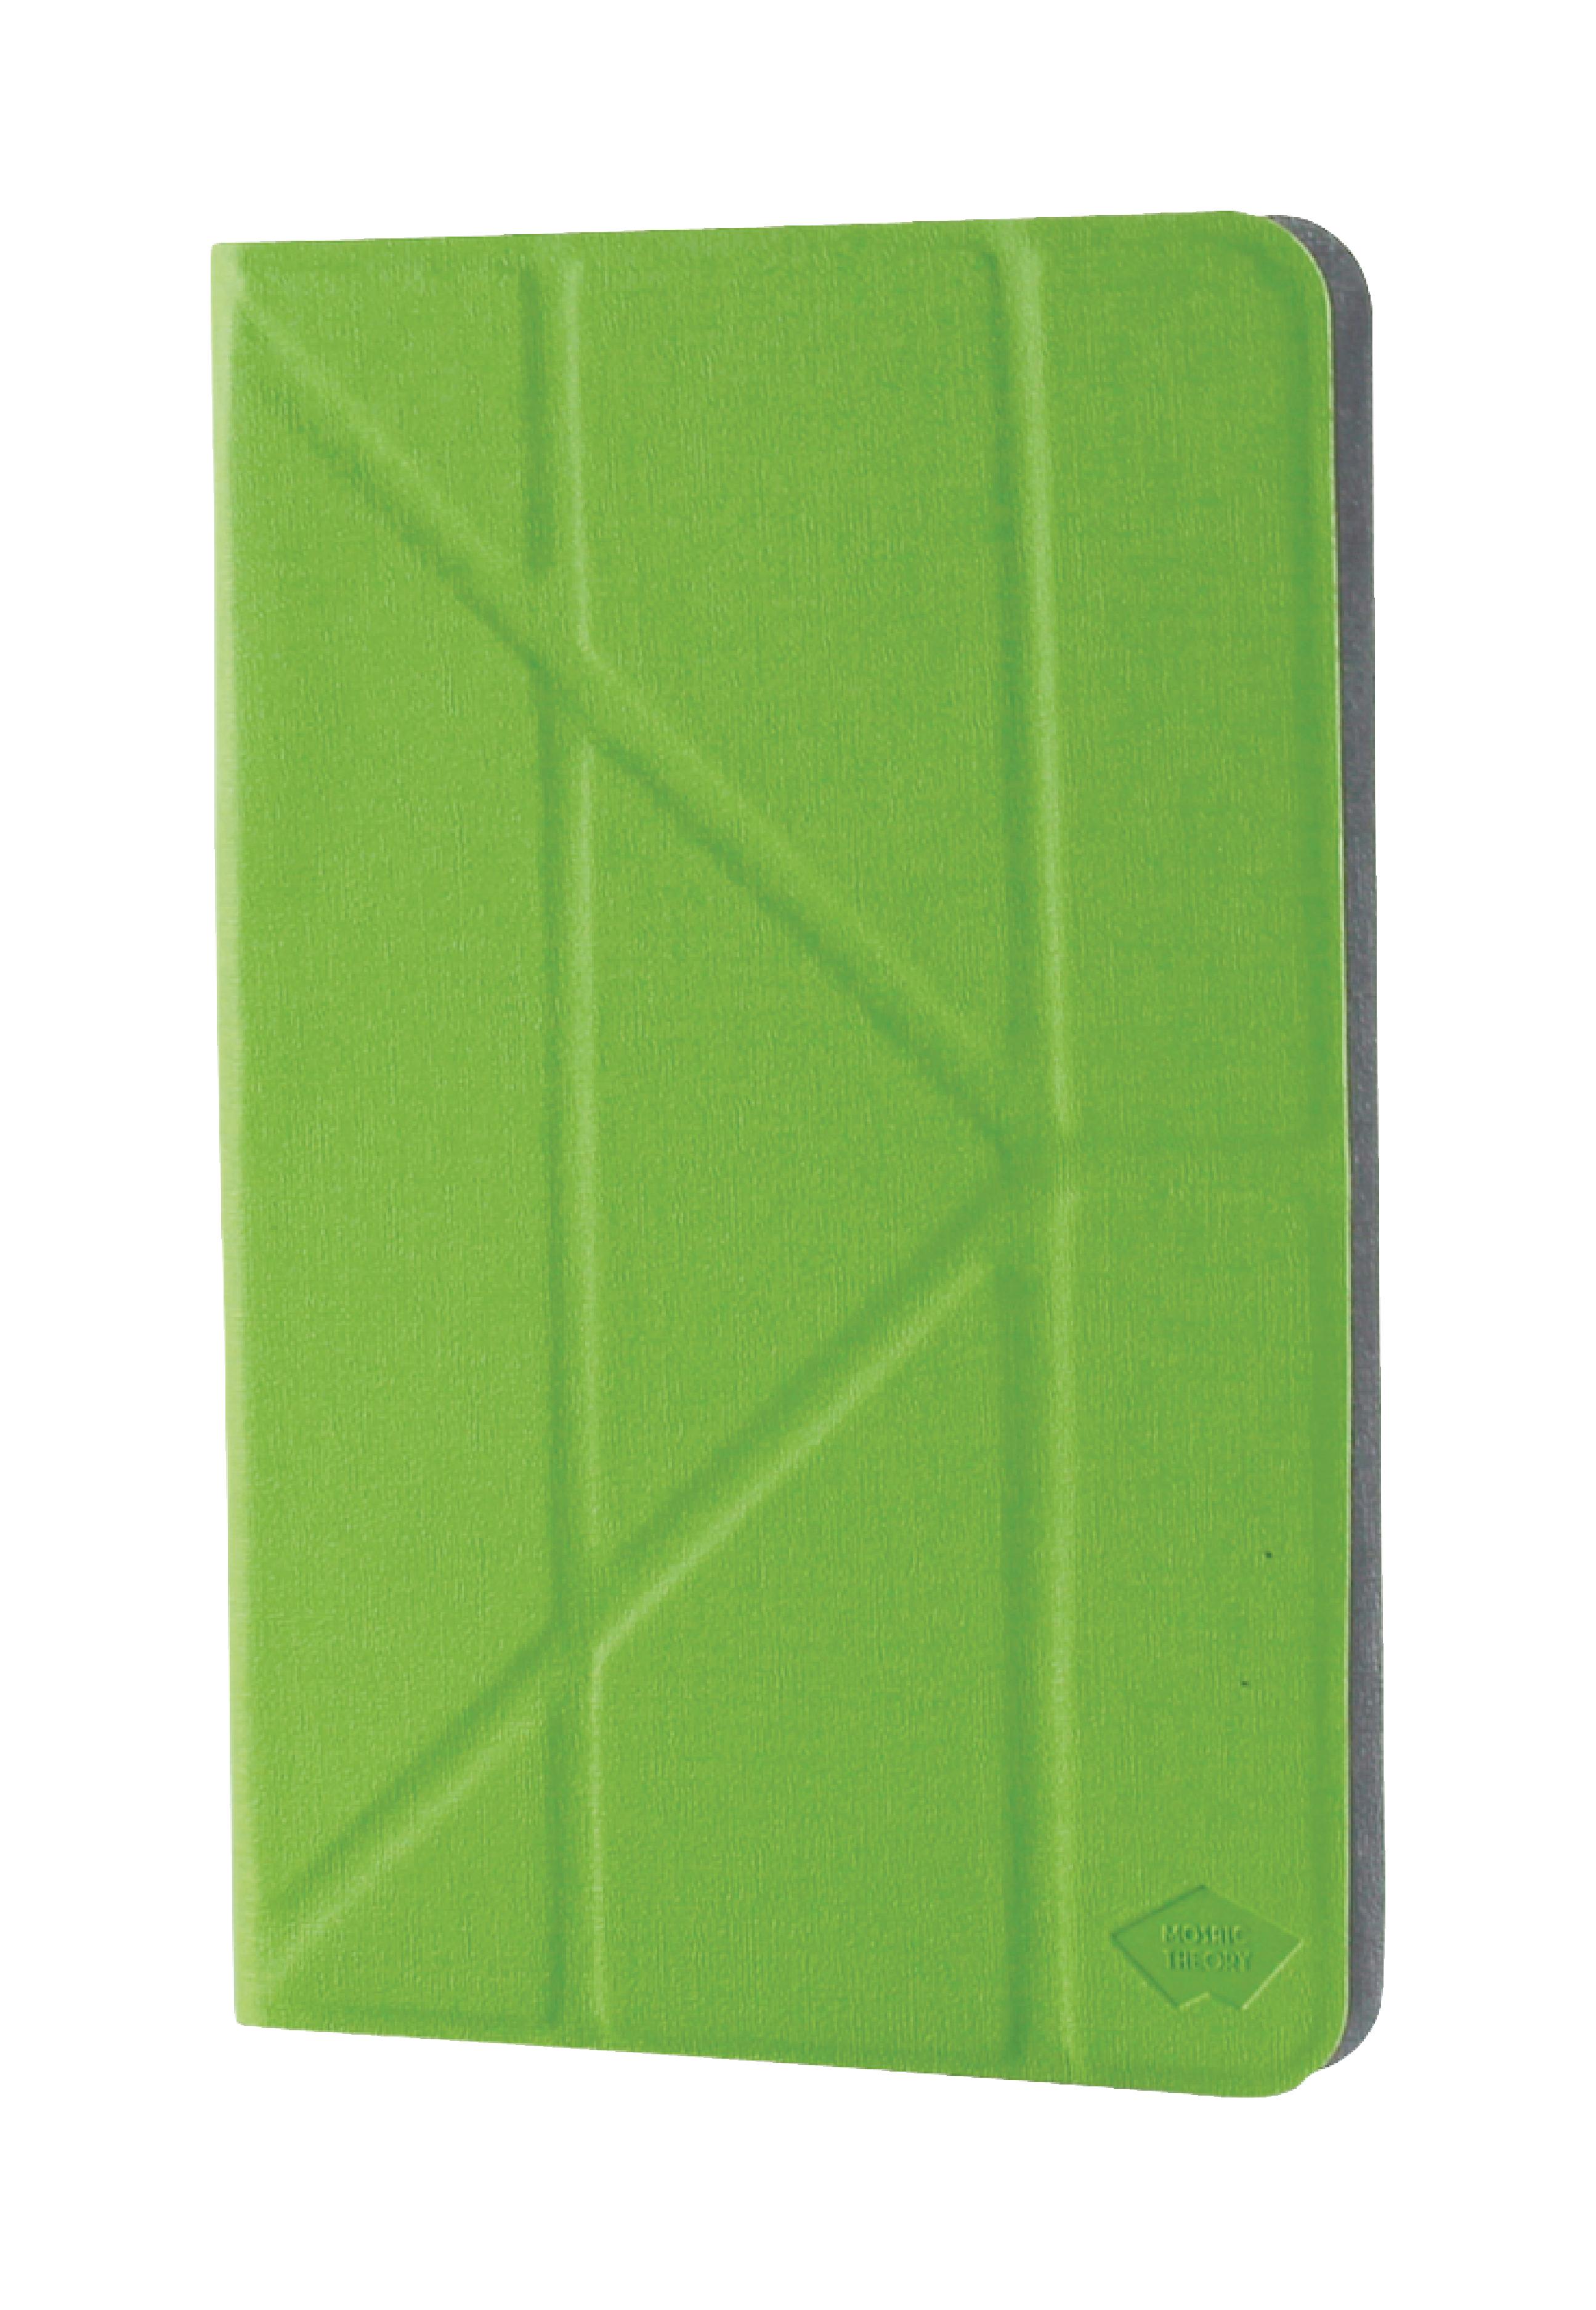 Billede af Tablet Folie Grå/Grøn